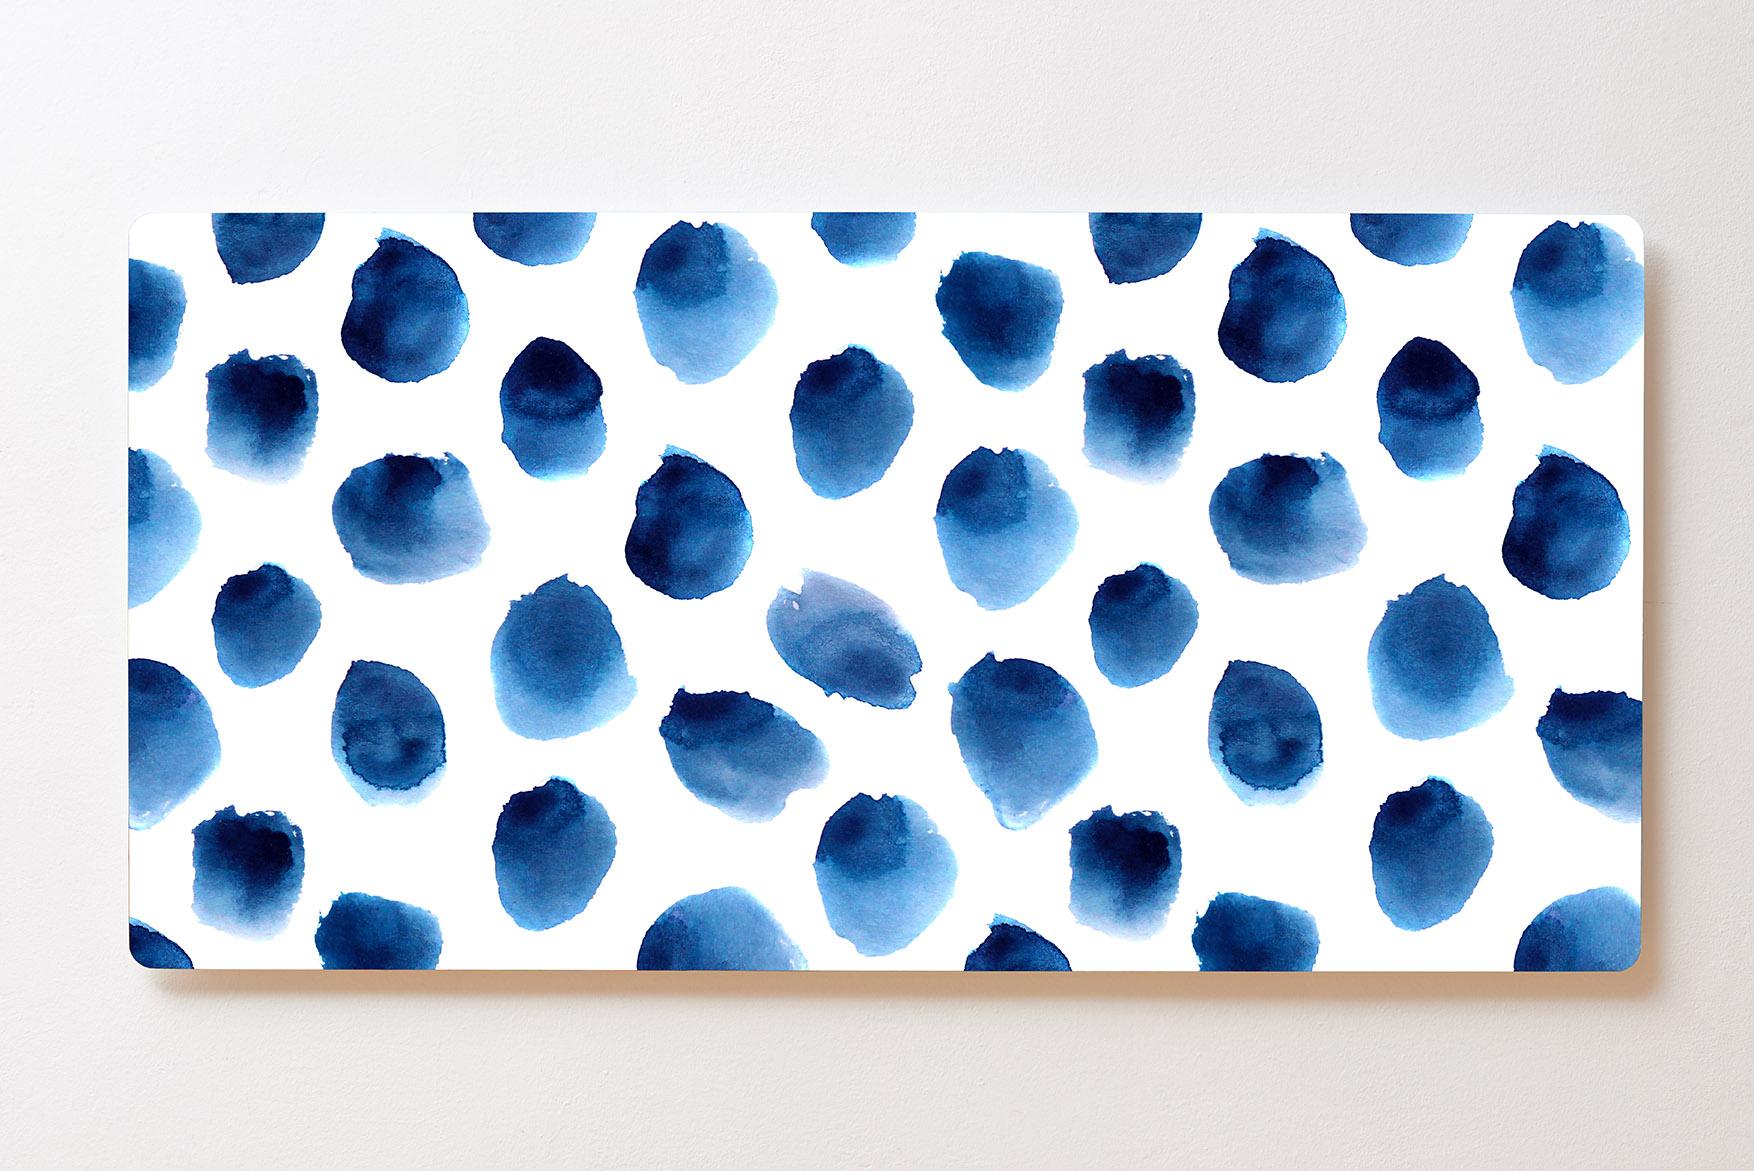 Magnettafel BACKLIGHT 120x60cm Motiv-Wandbild M146 Abstrakt Kunst